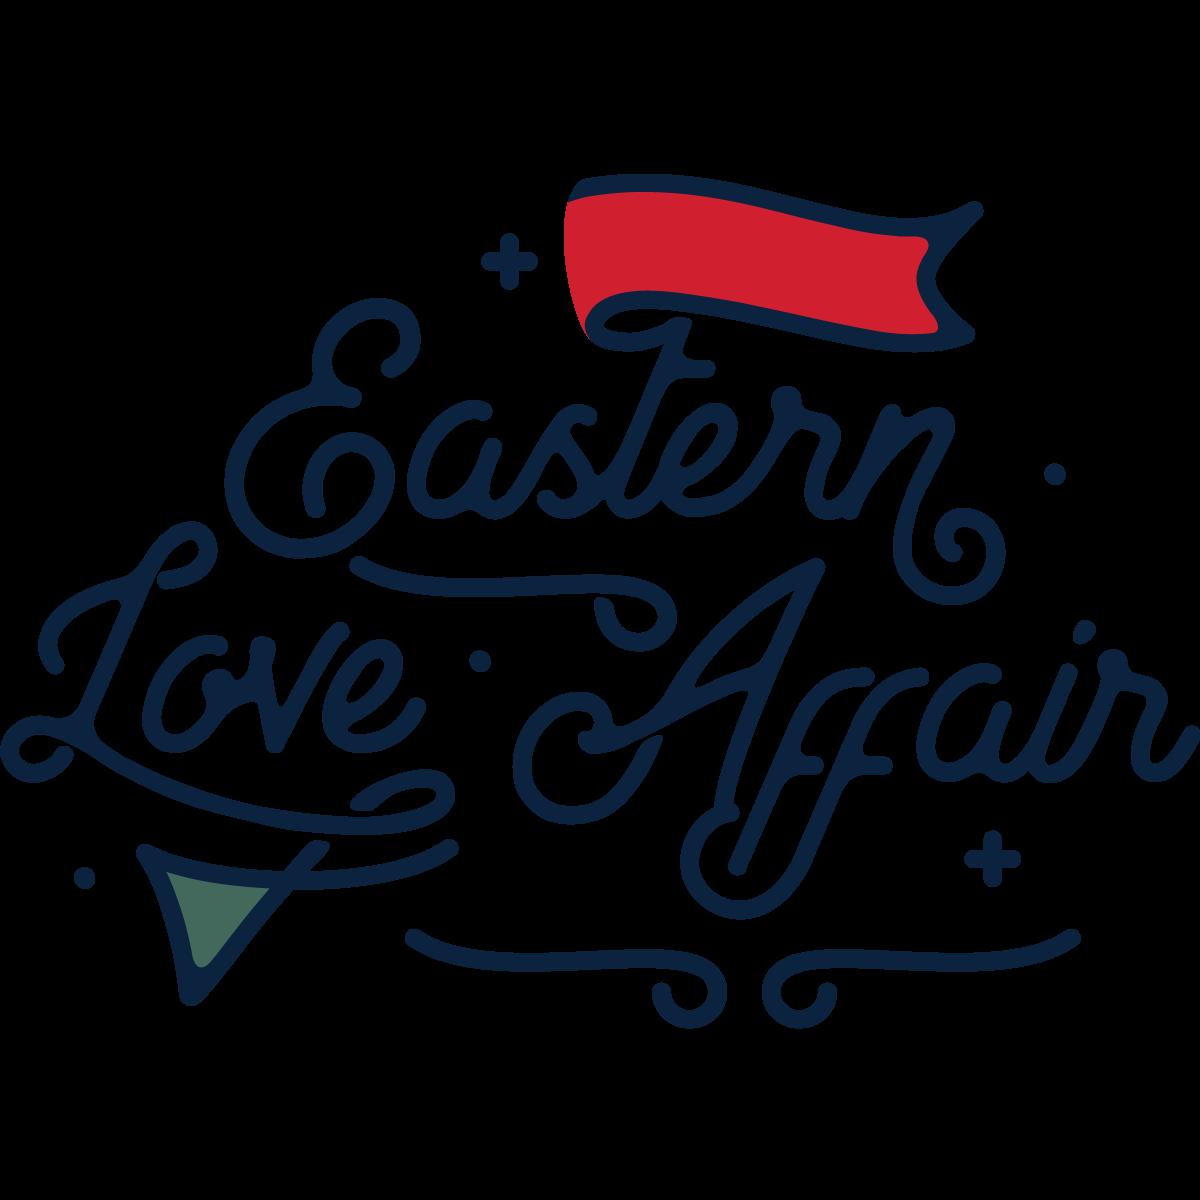 Eastern Love Affair